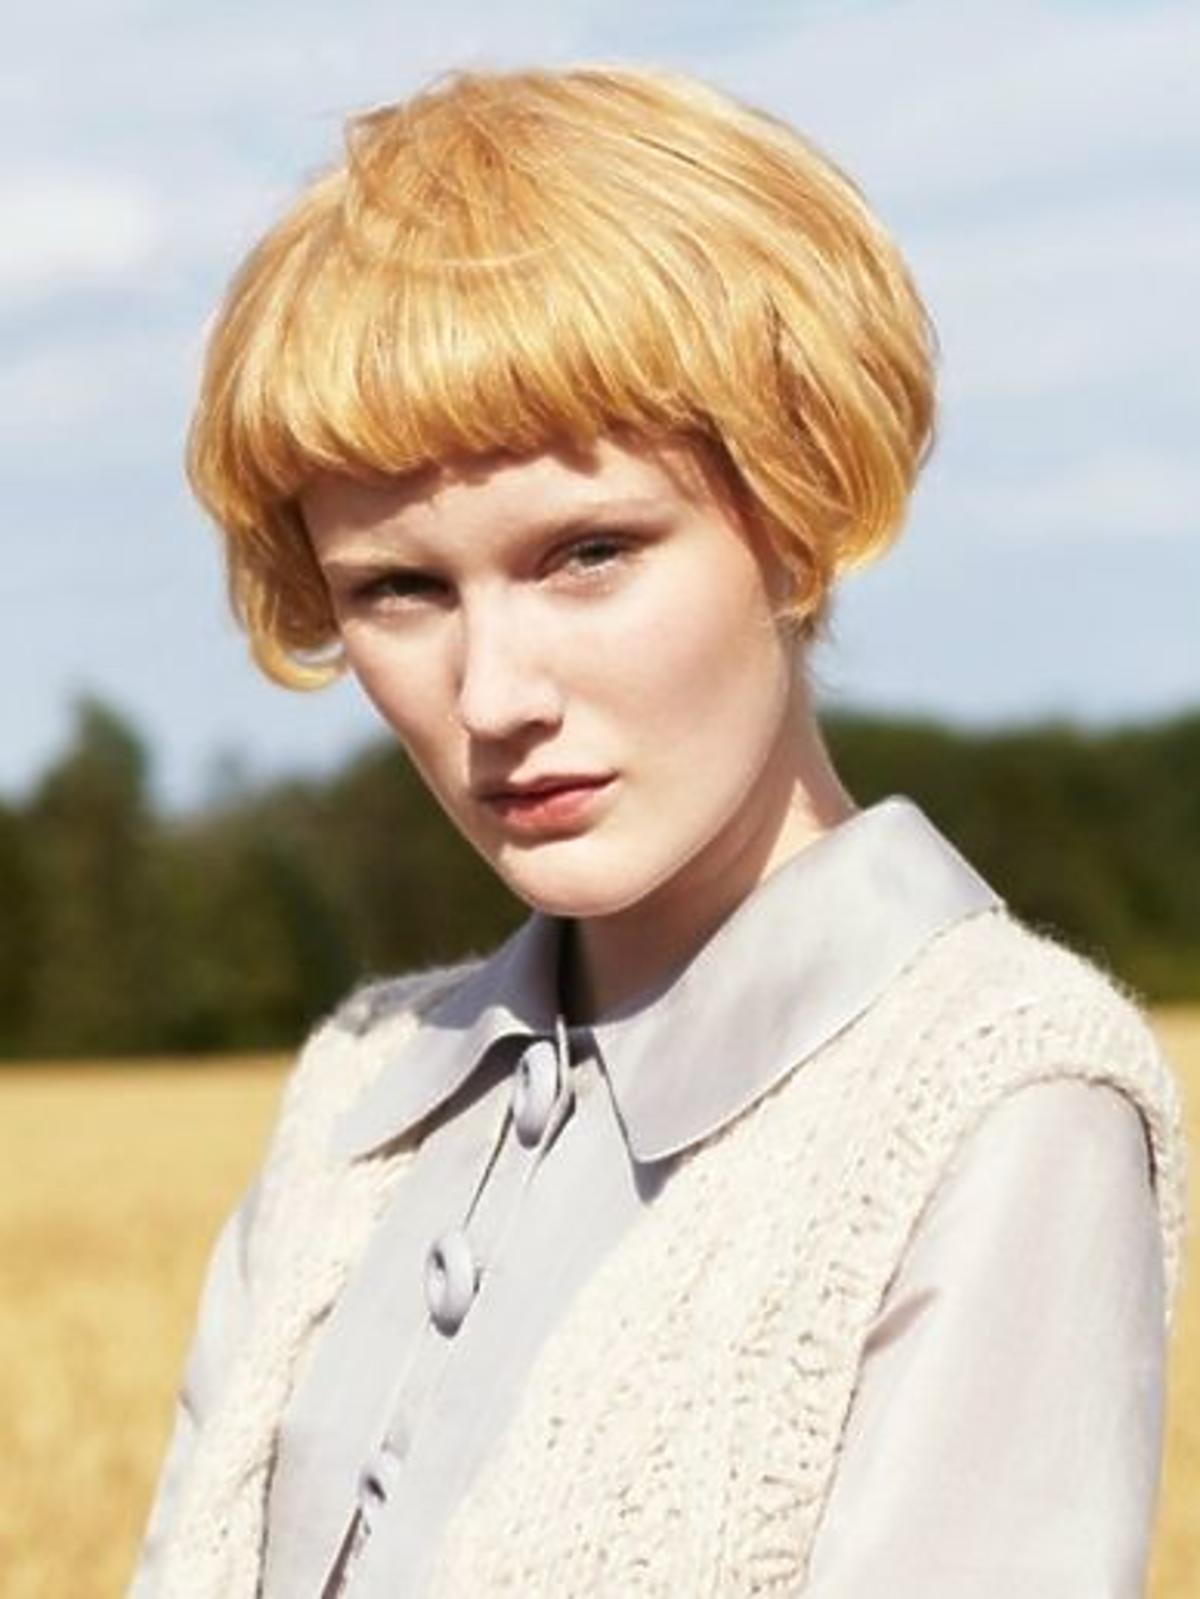 Krótka, chłopięca fryzura w kobiecym wydaniu